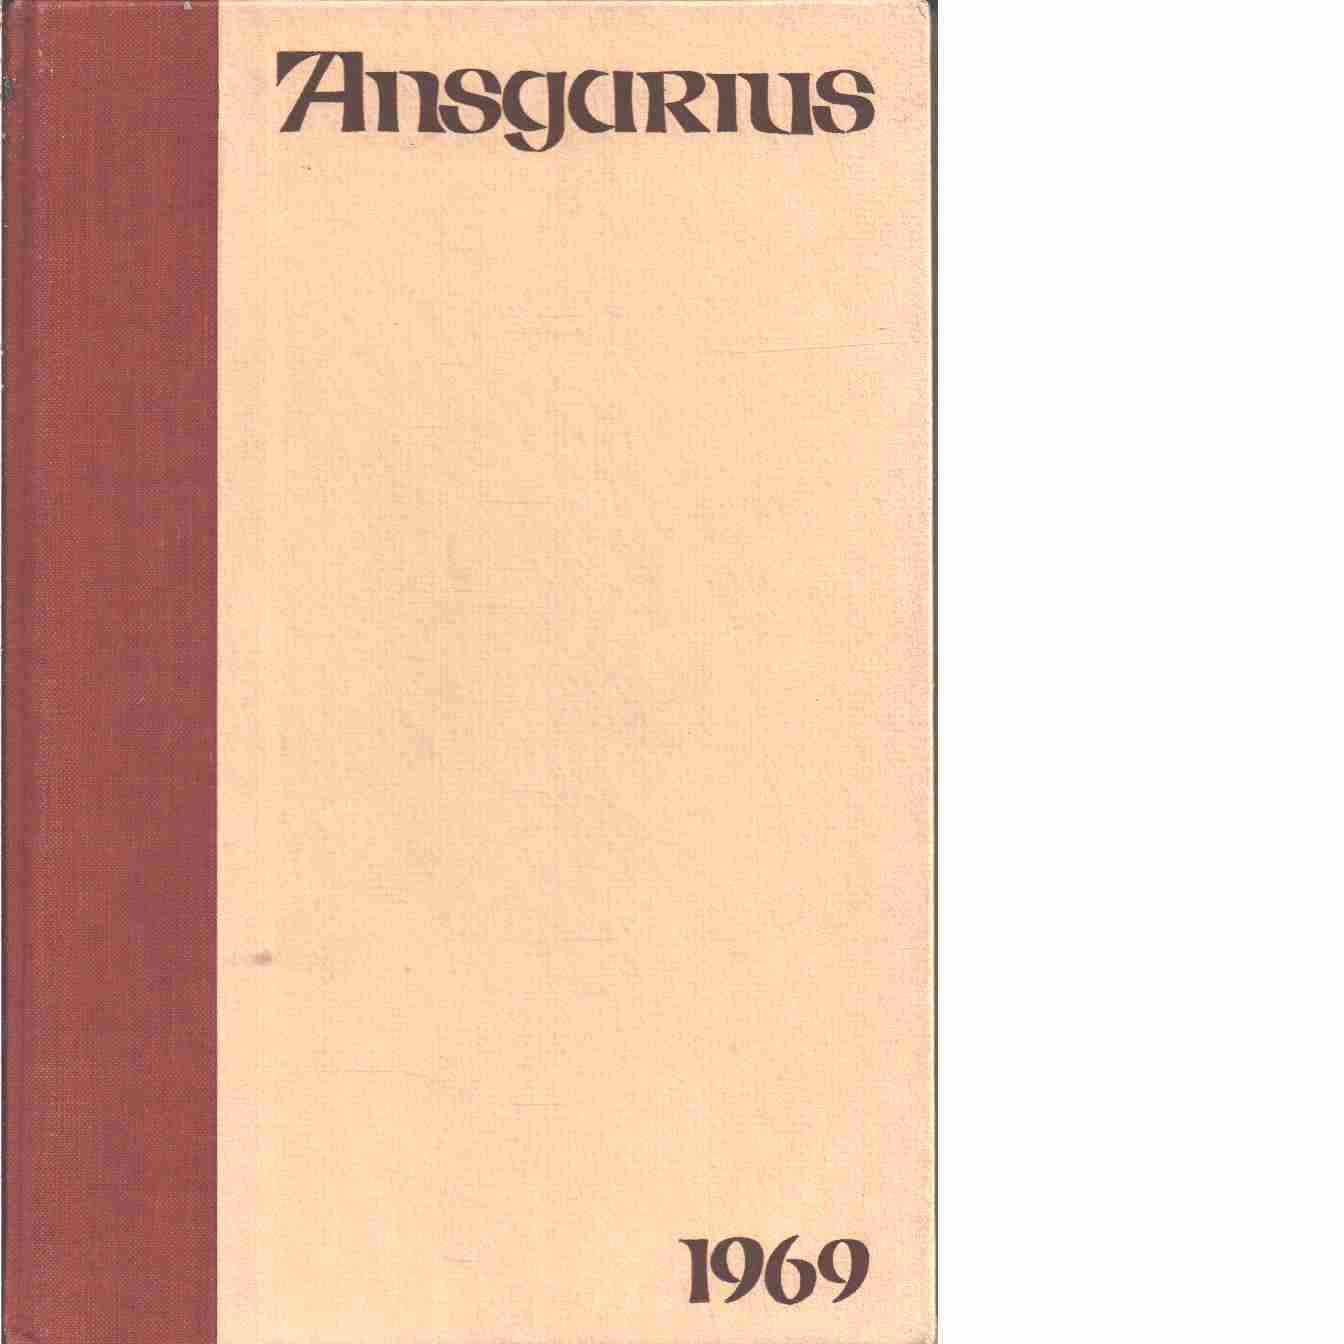 Ansgarius : Svenska missionsförbundets årsbok  - Red.  Svenska missionsförbundets årsbok